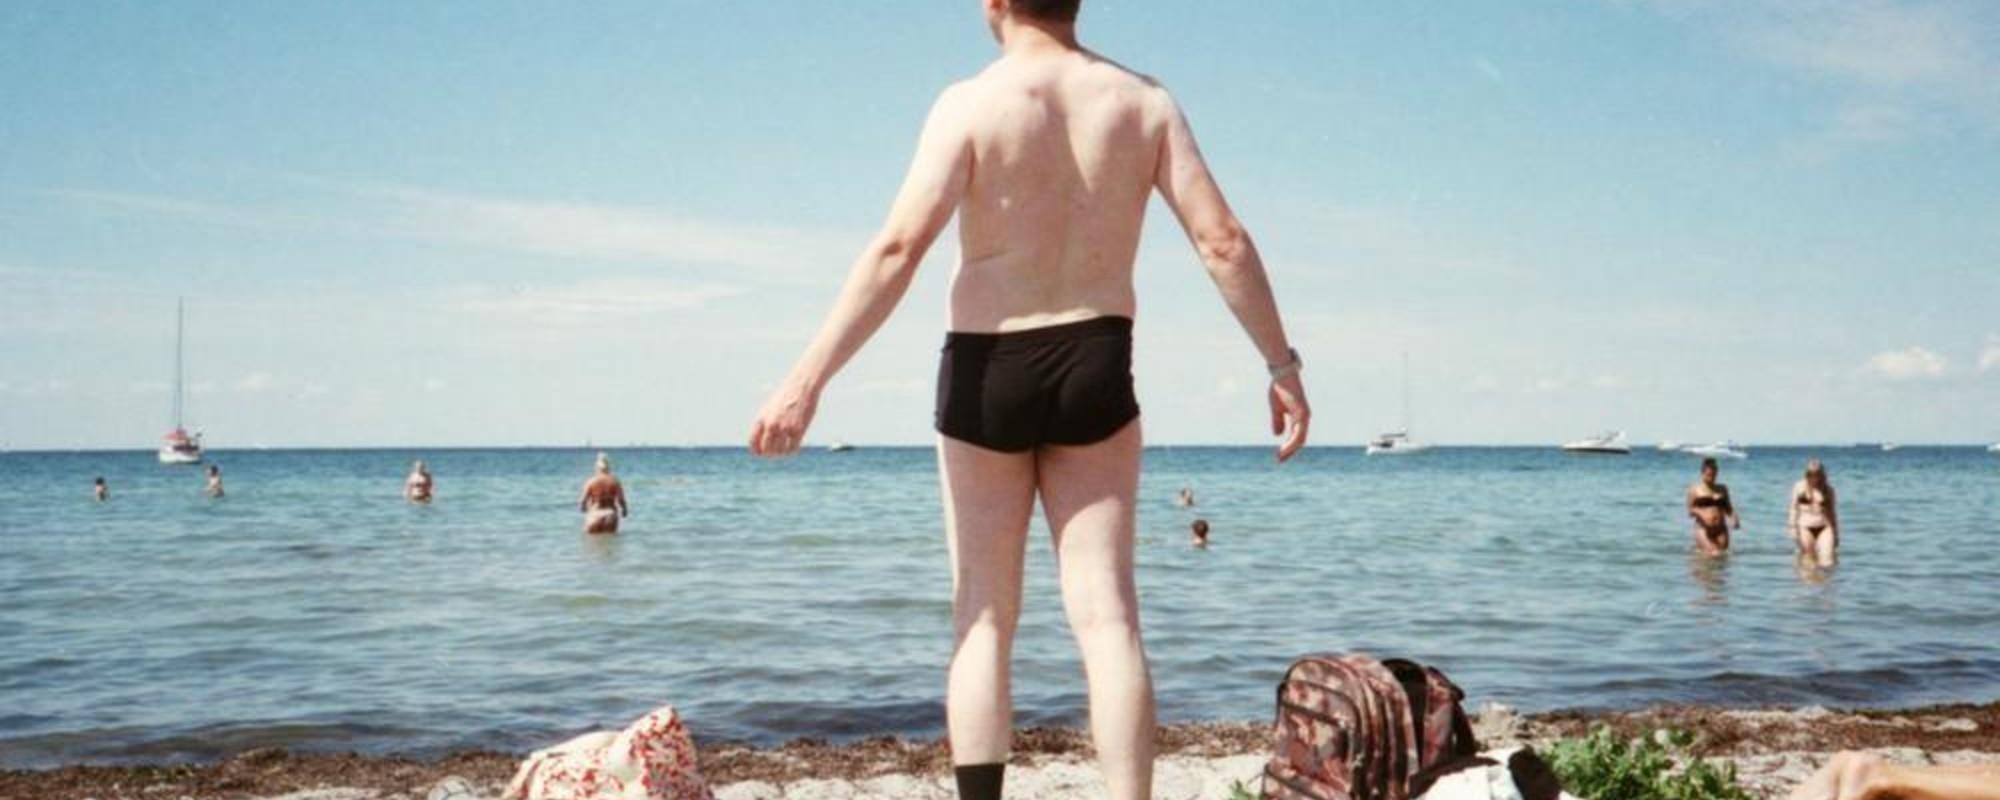 Fotos de daneses sudorosos celebrando los últimos días del verano